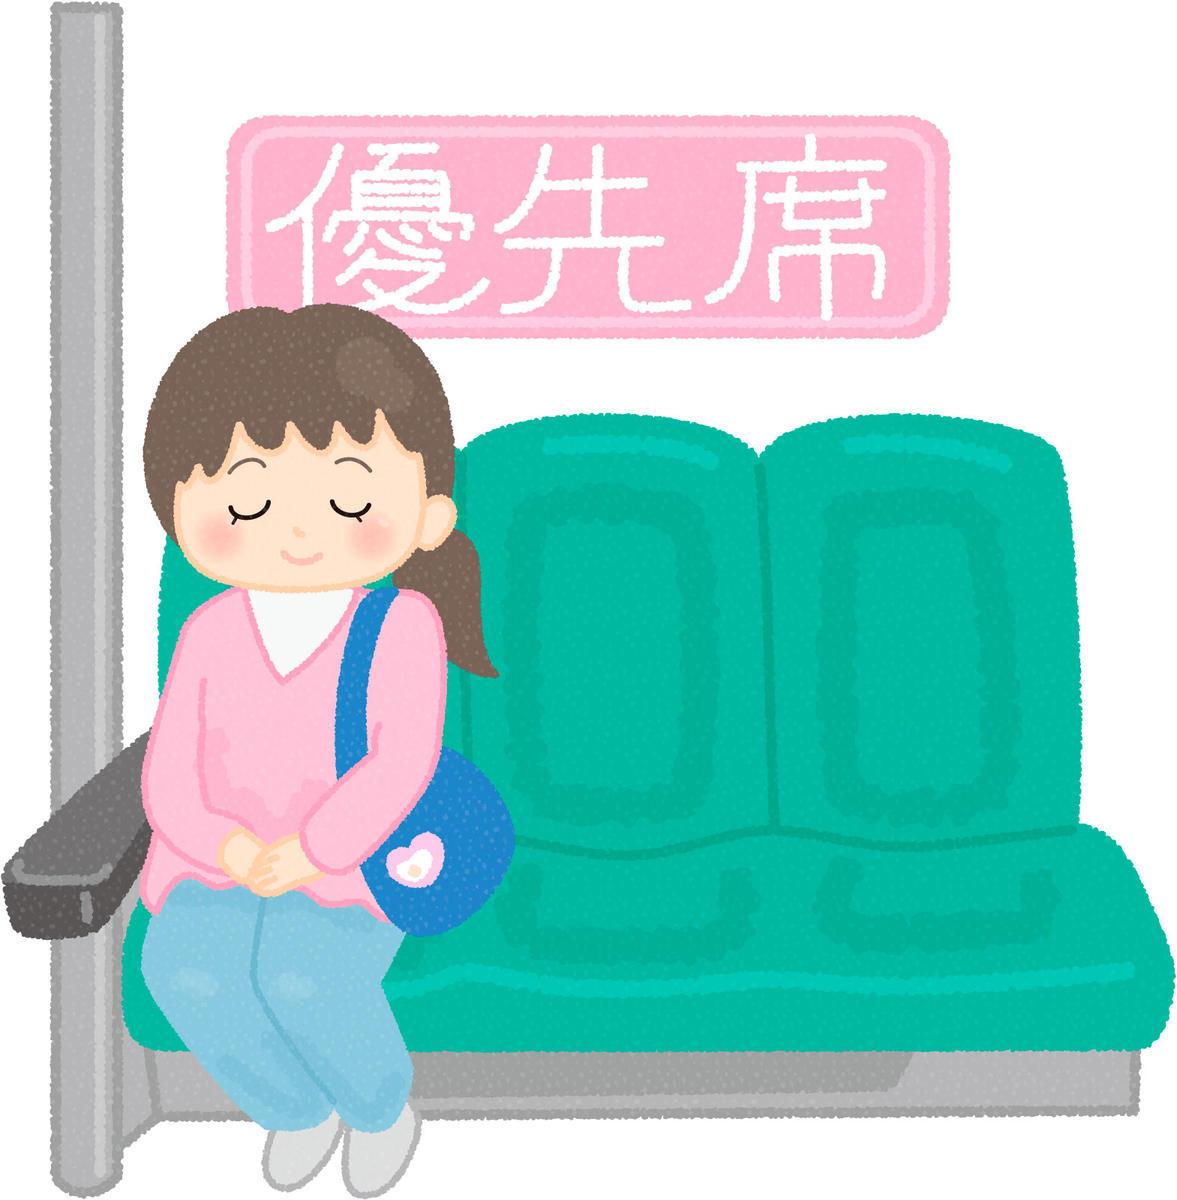 優先席に座る図々しい女性…と勘違いしてしまった